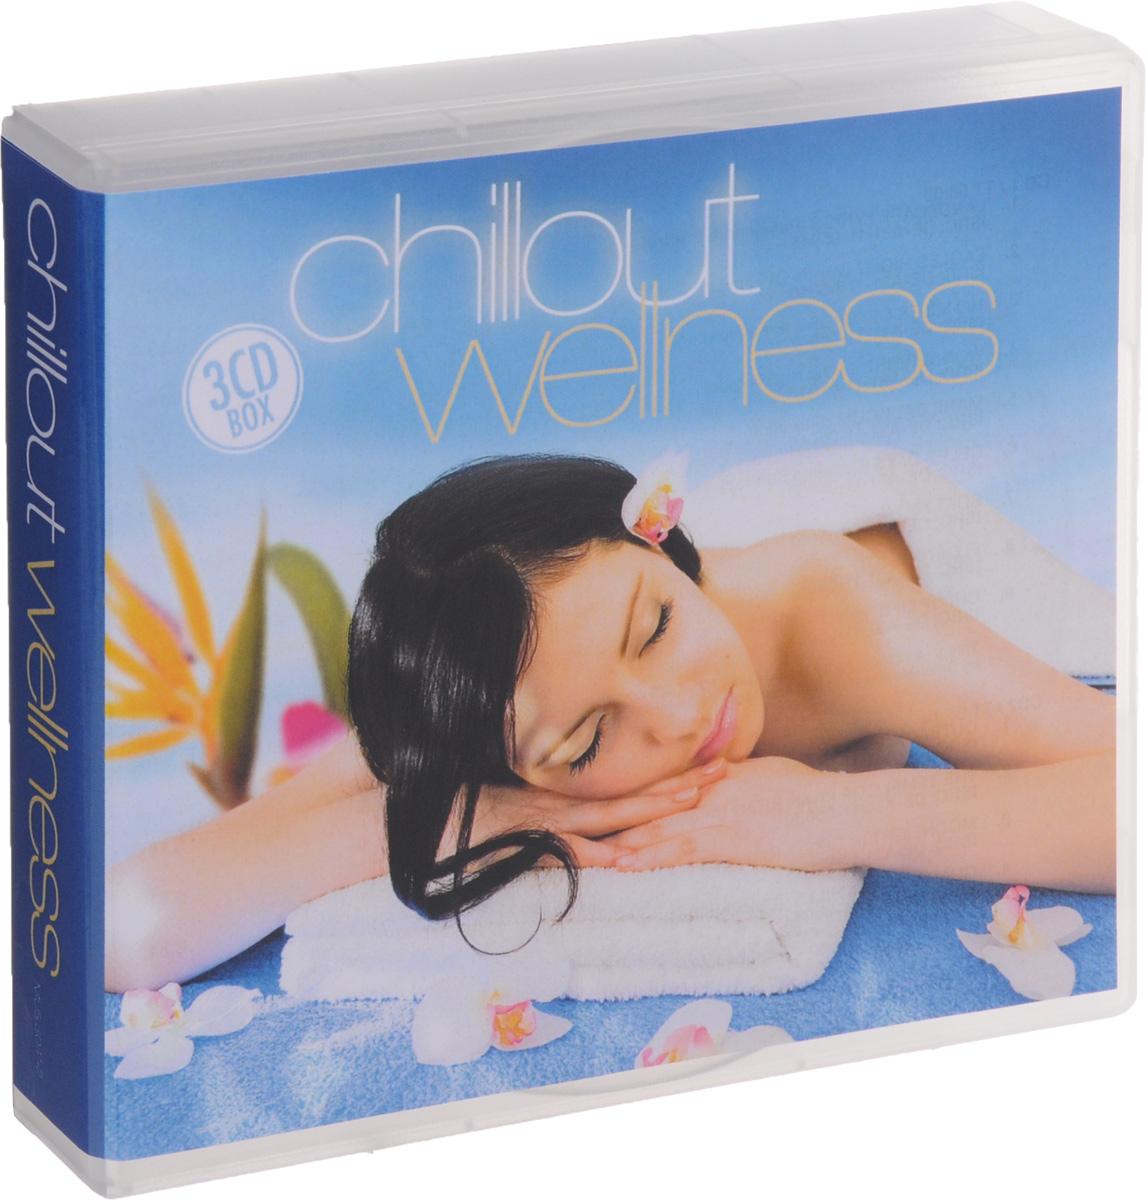 Марлиз Кох,Stella Torke Chillout Wellness (3 CD) макс кох шекспир